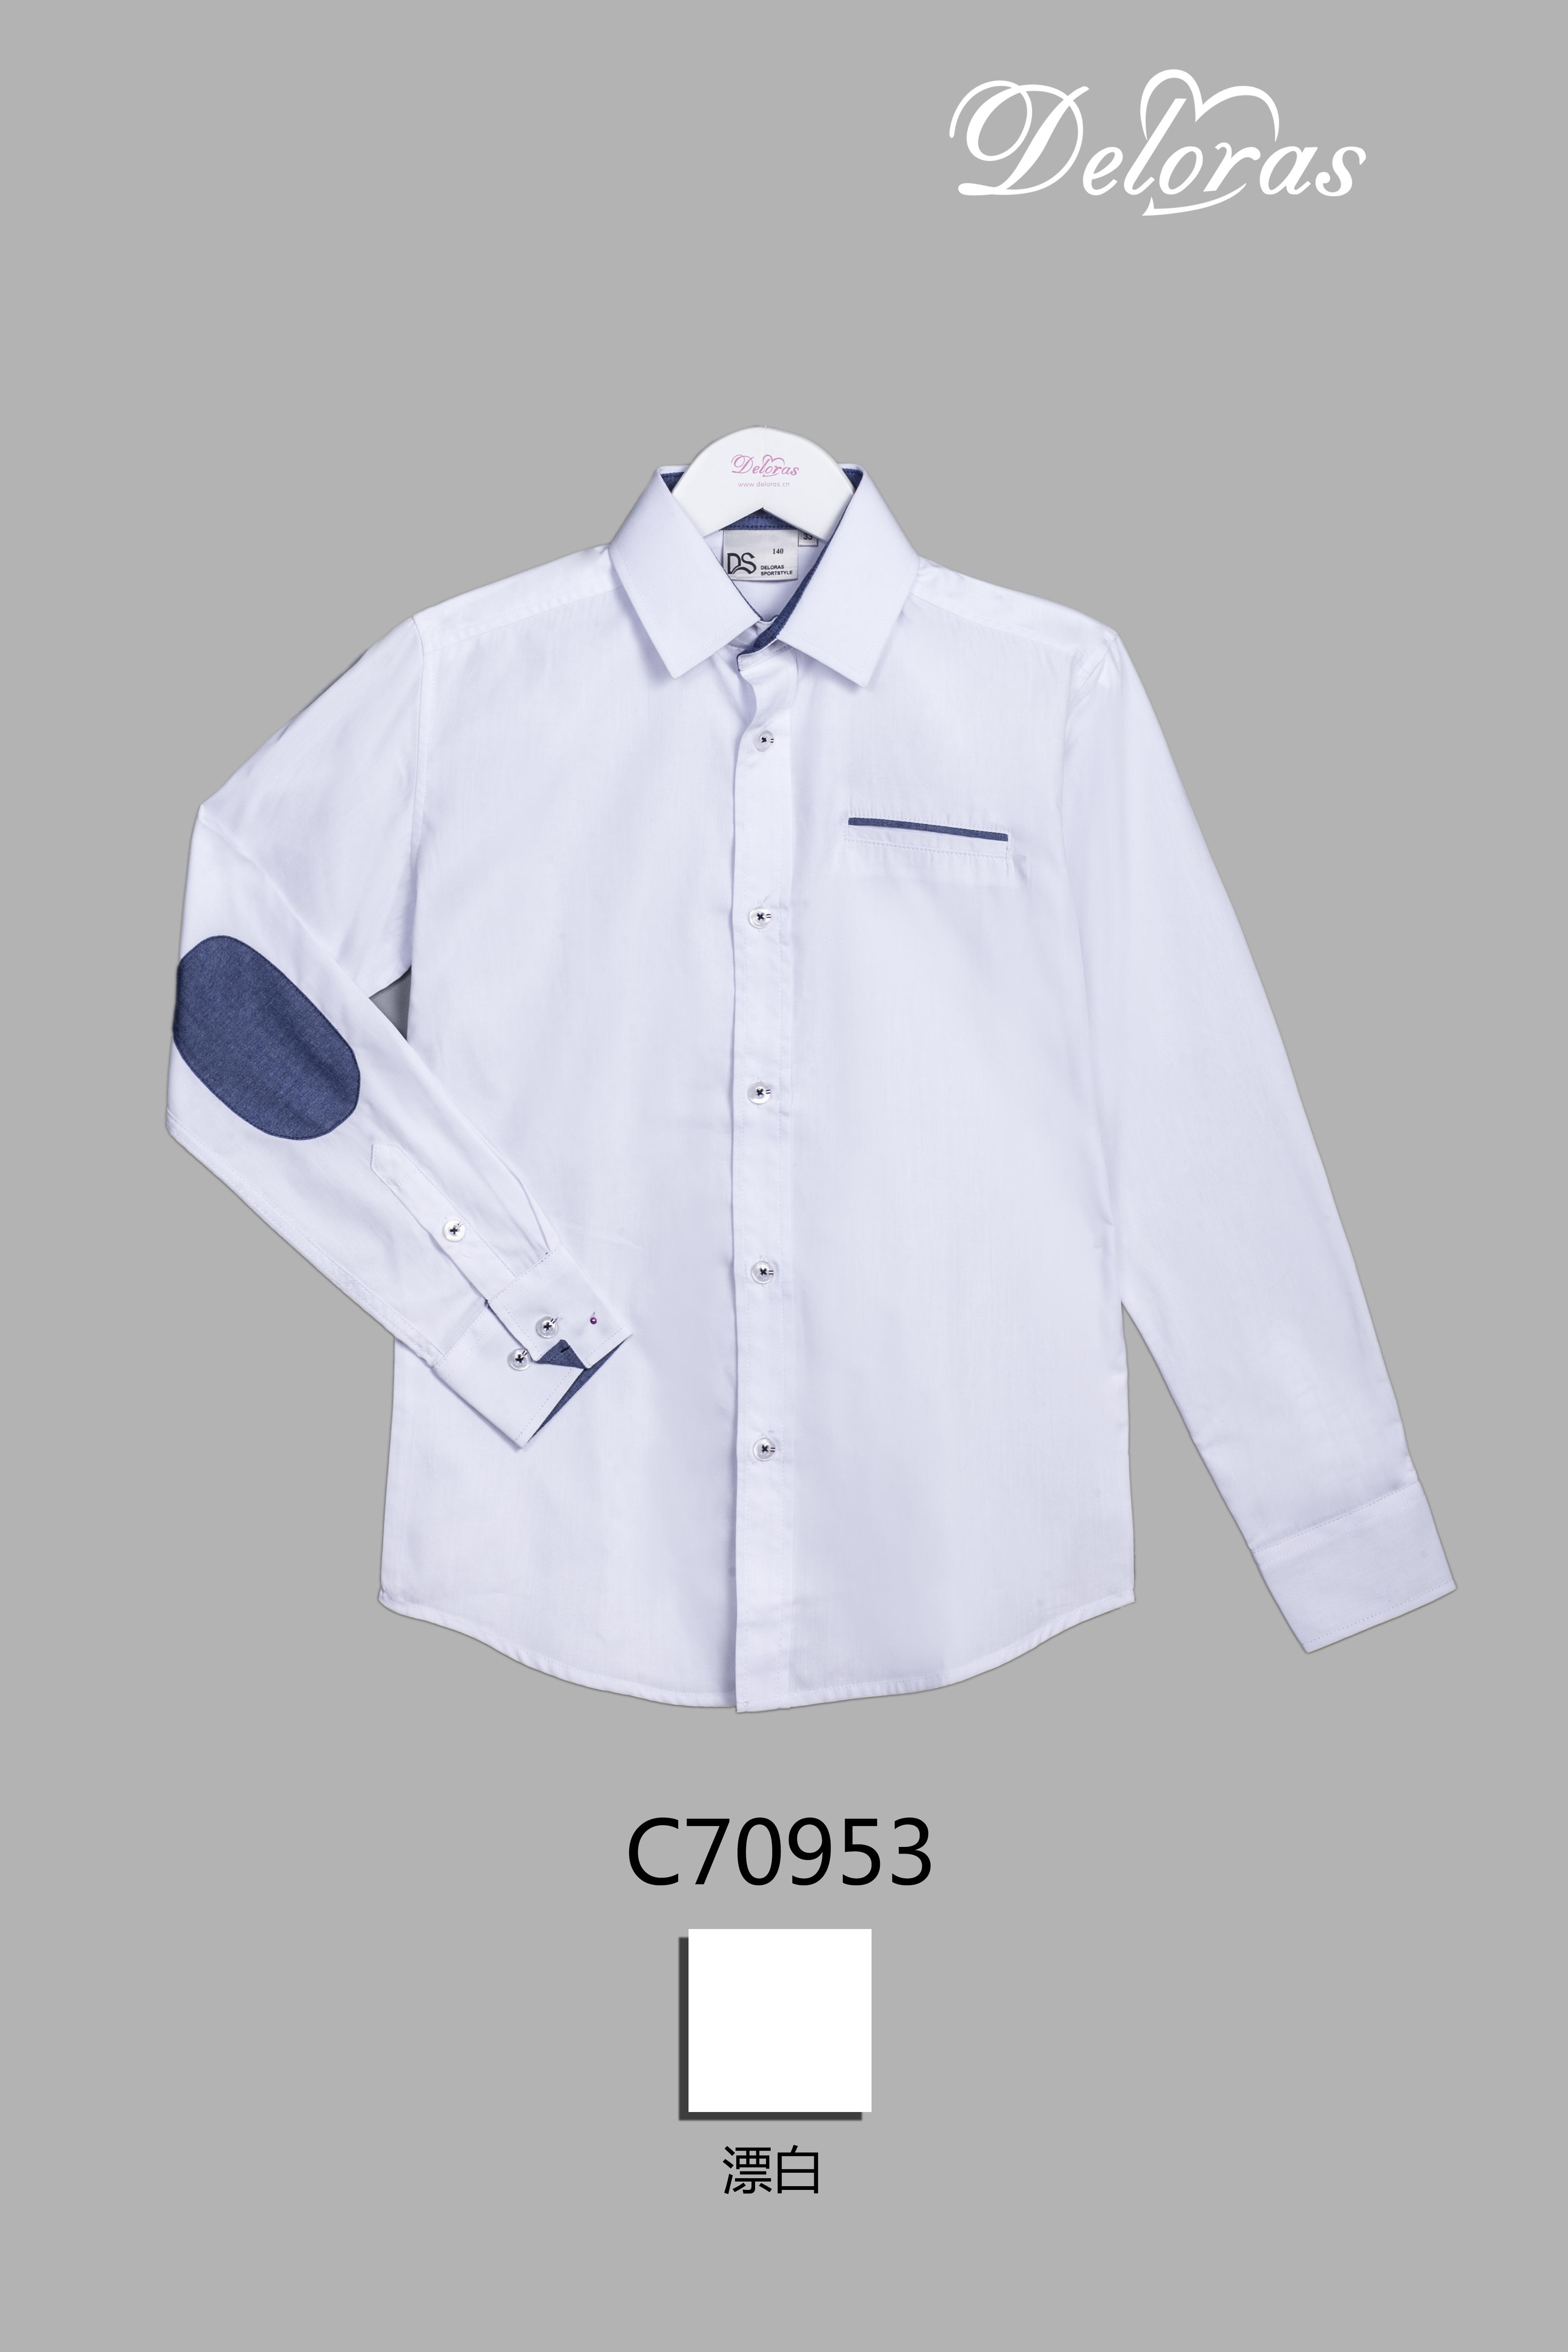 Рубашка для мальчика BHDL70953